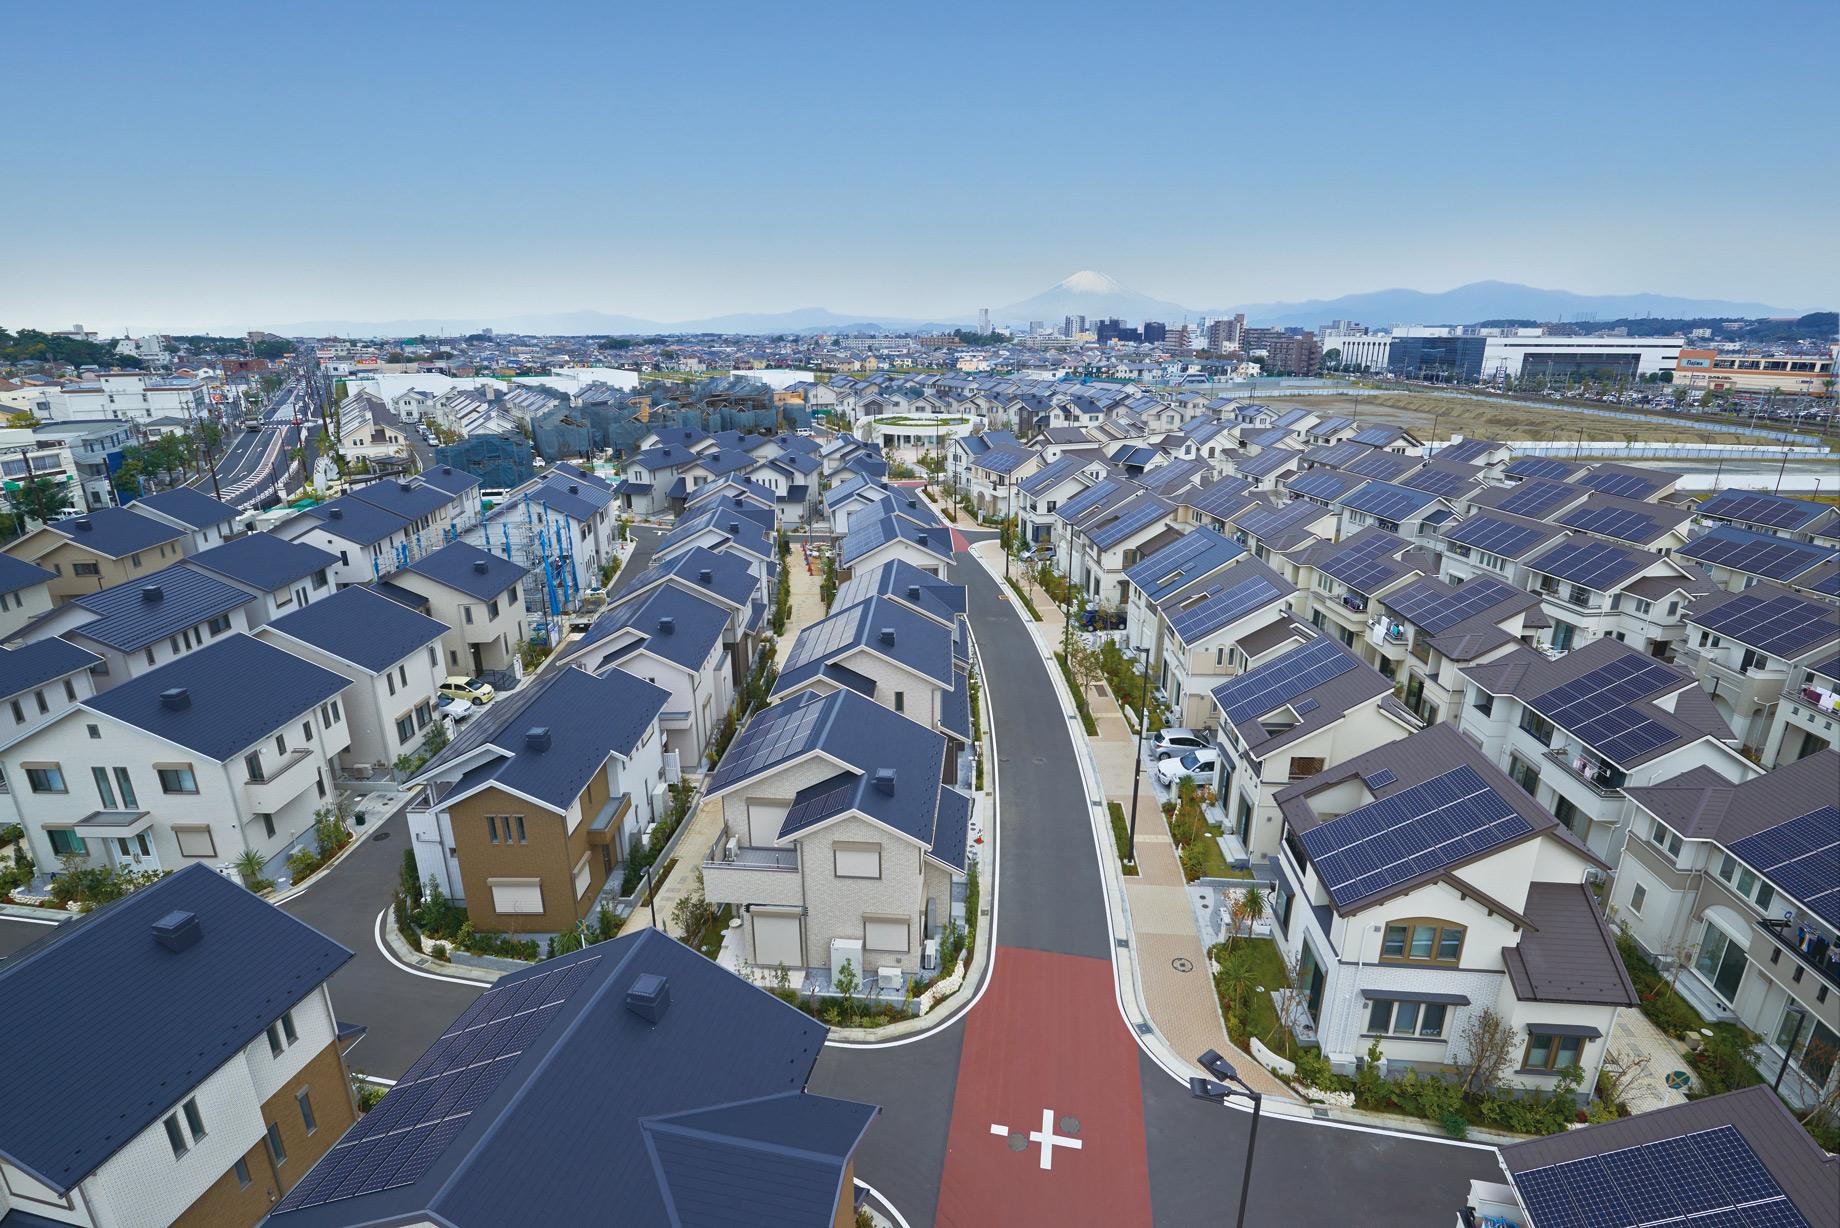 Panasonic Fujisawa smart city